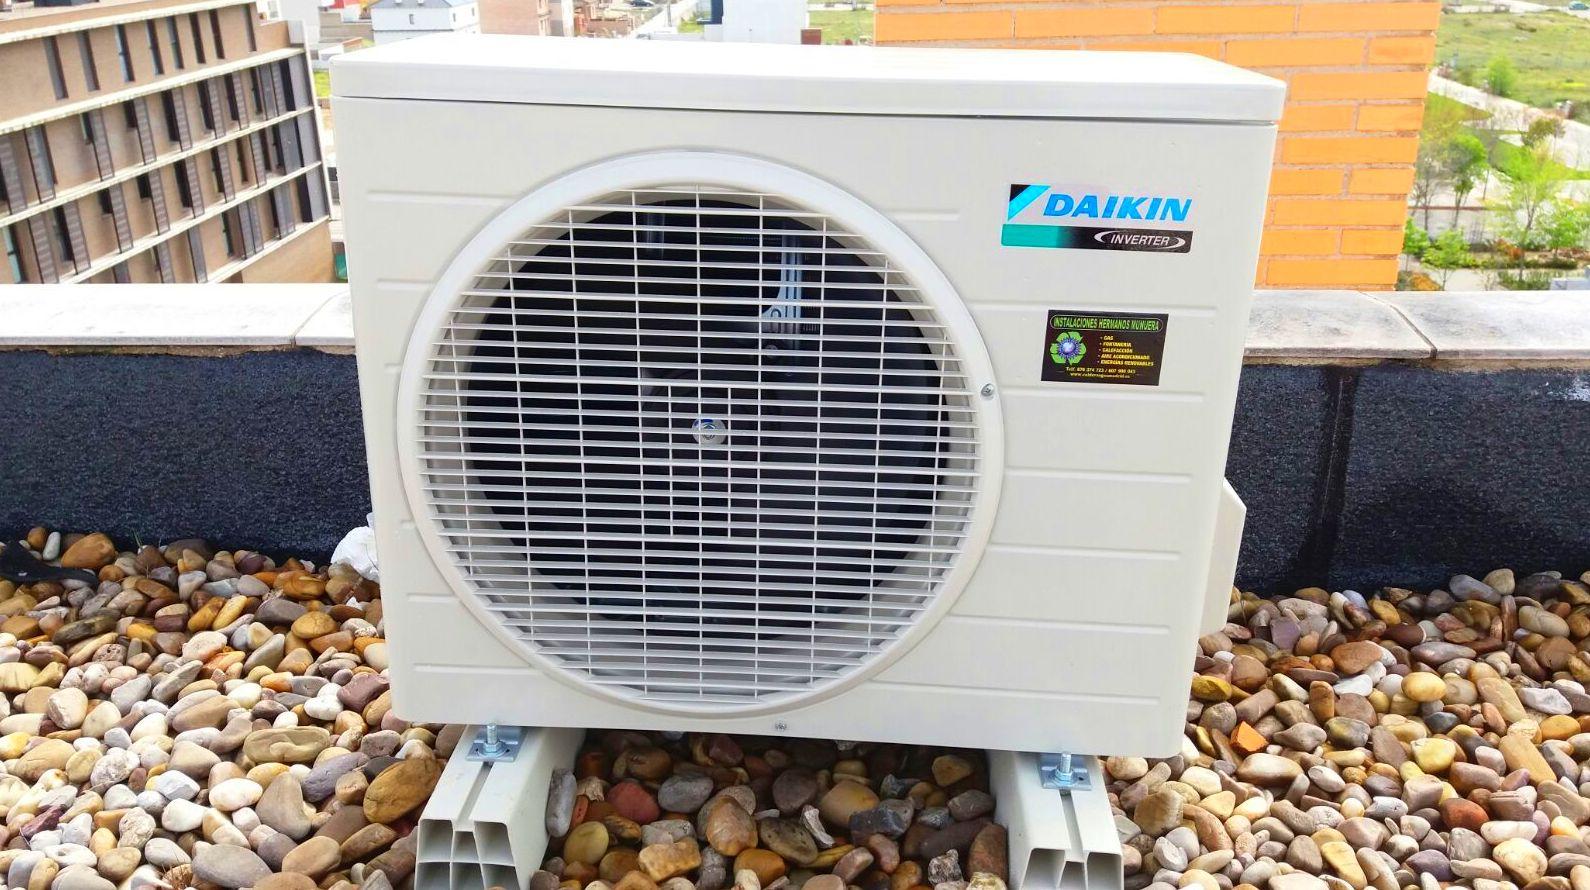 Instalacion de aire acondicionado Daikin